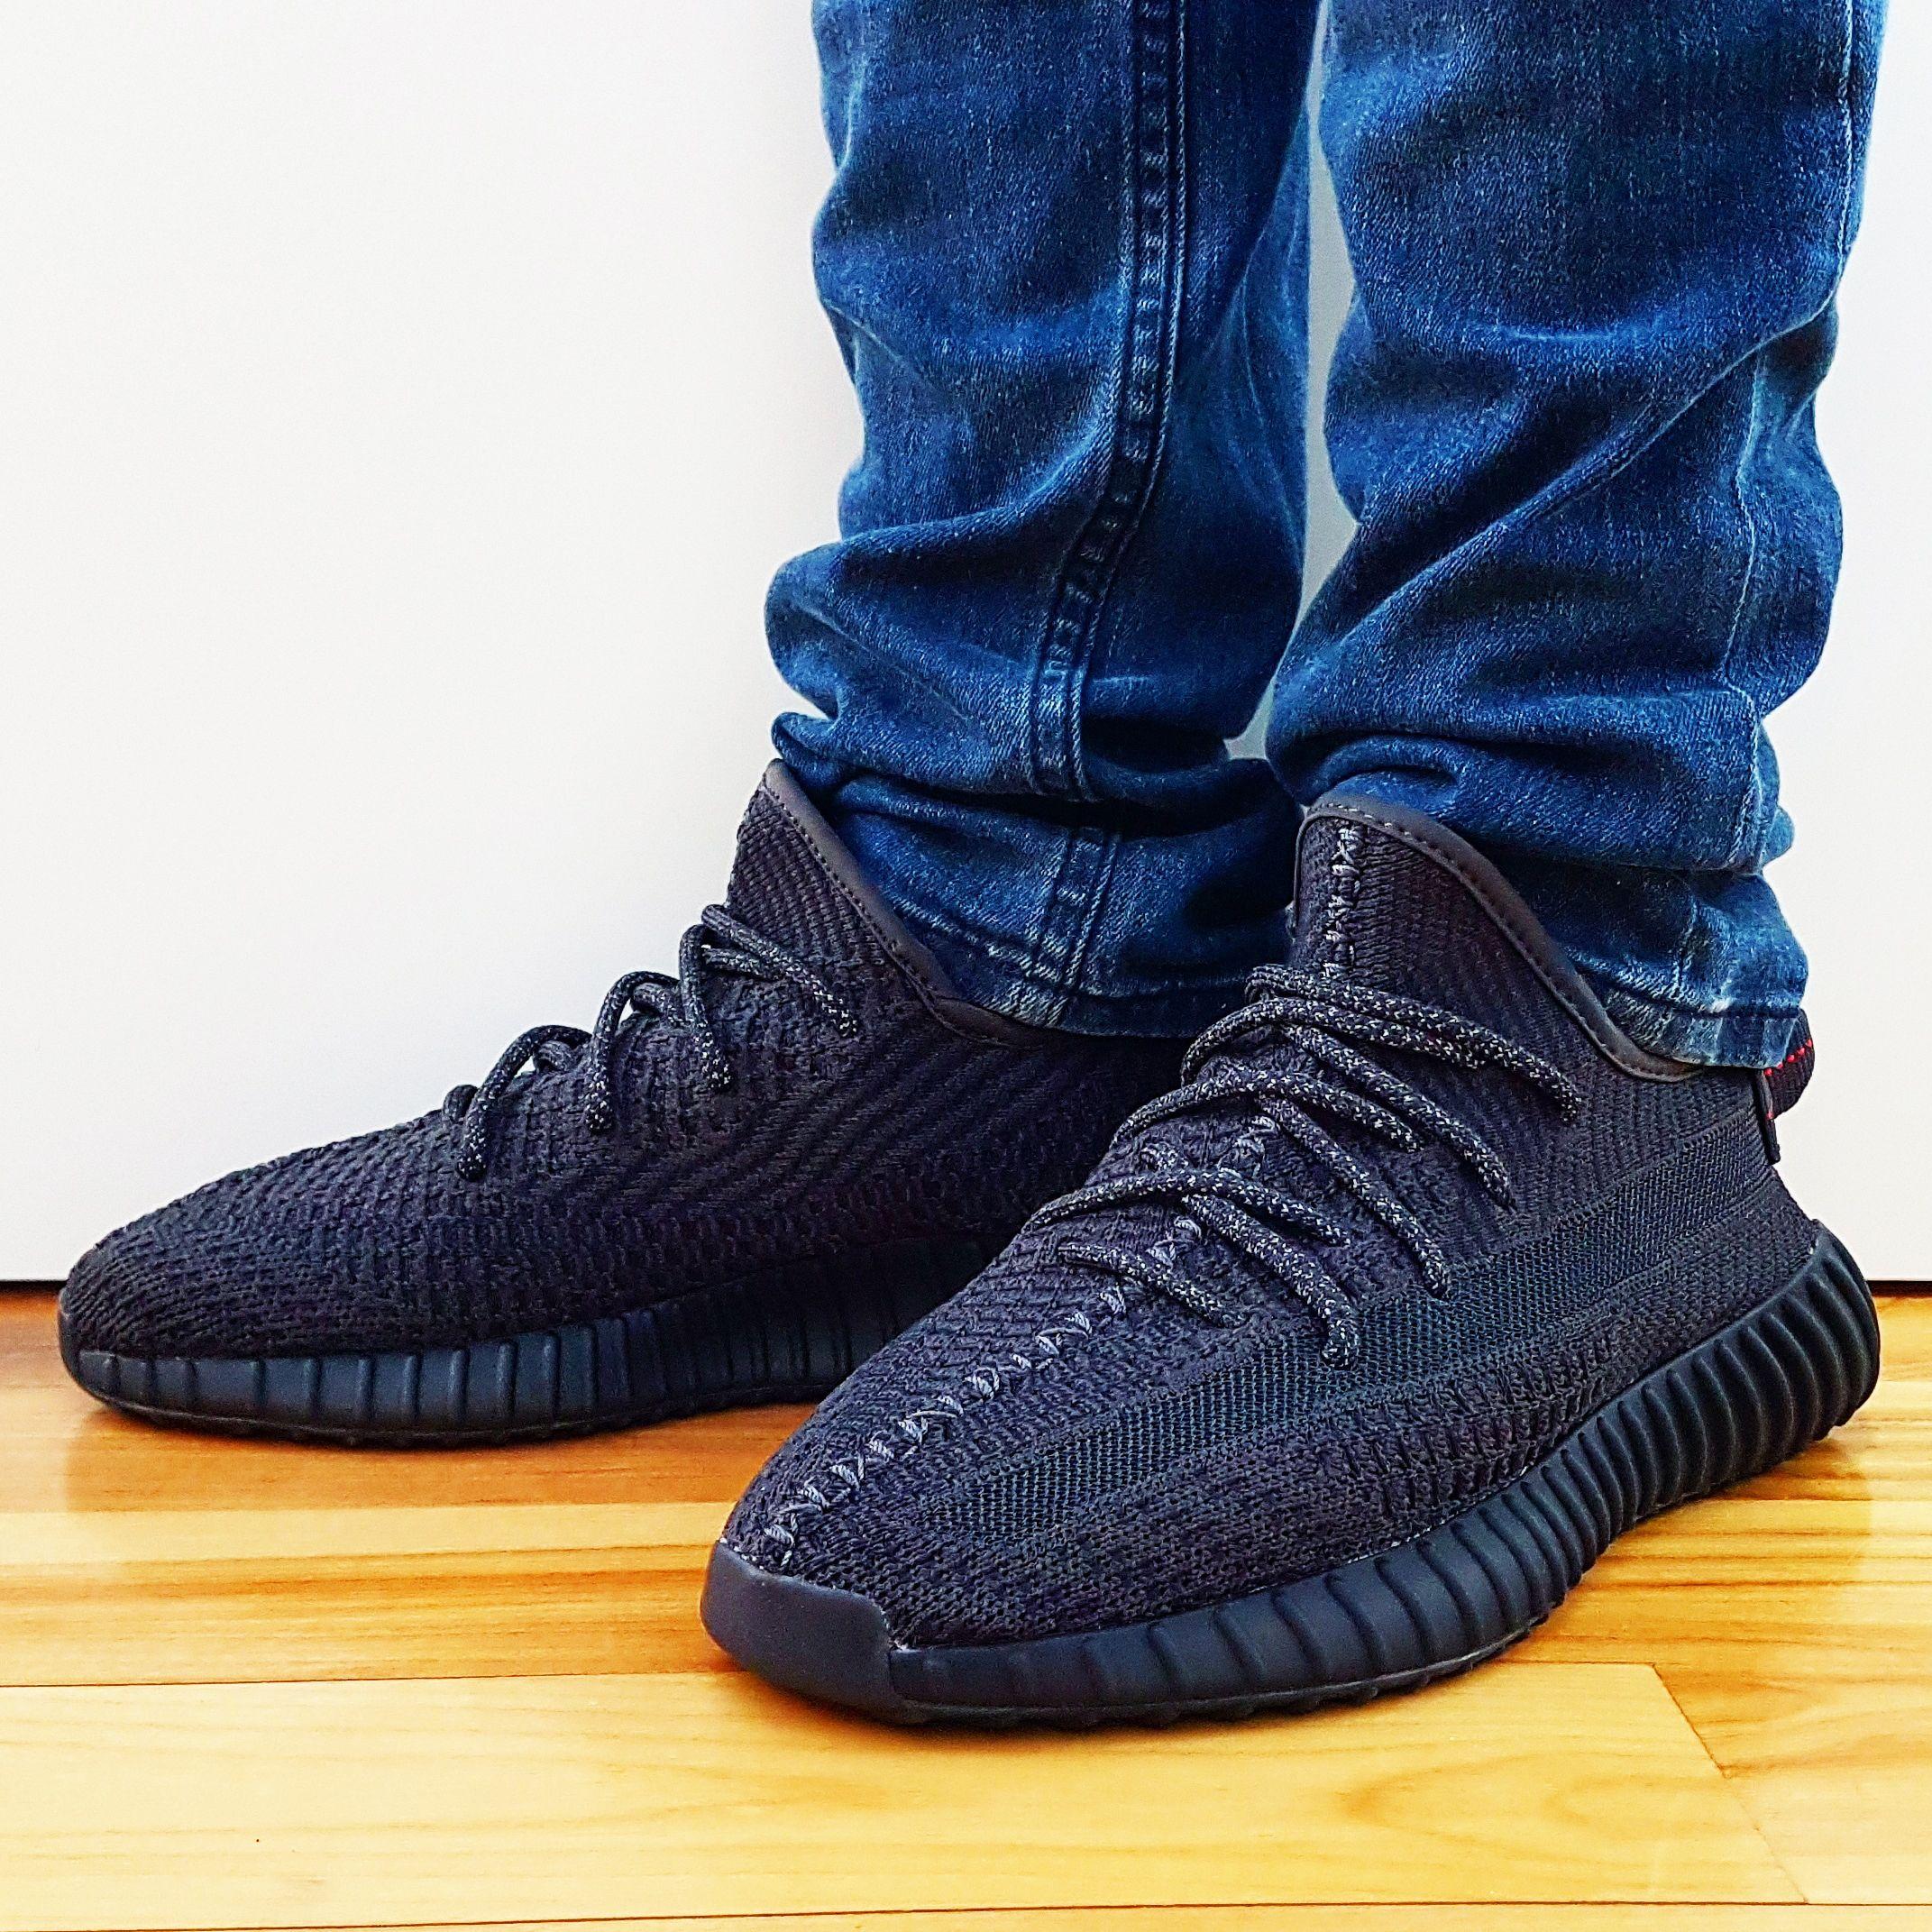 yeezy 350 v2 black static non reflective